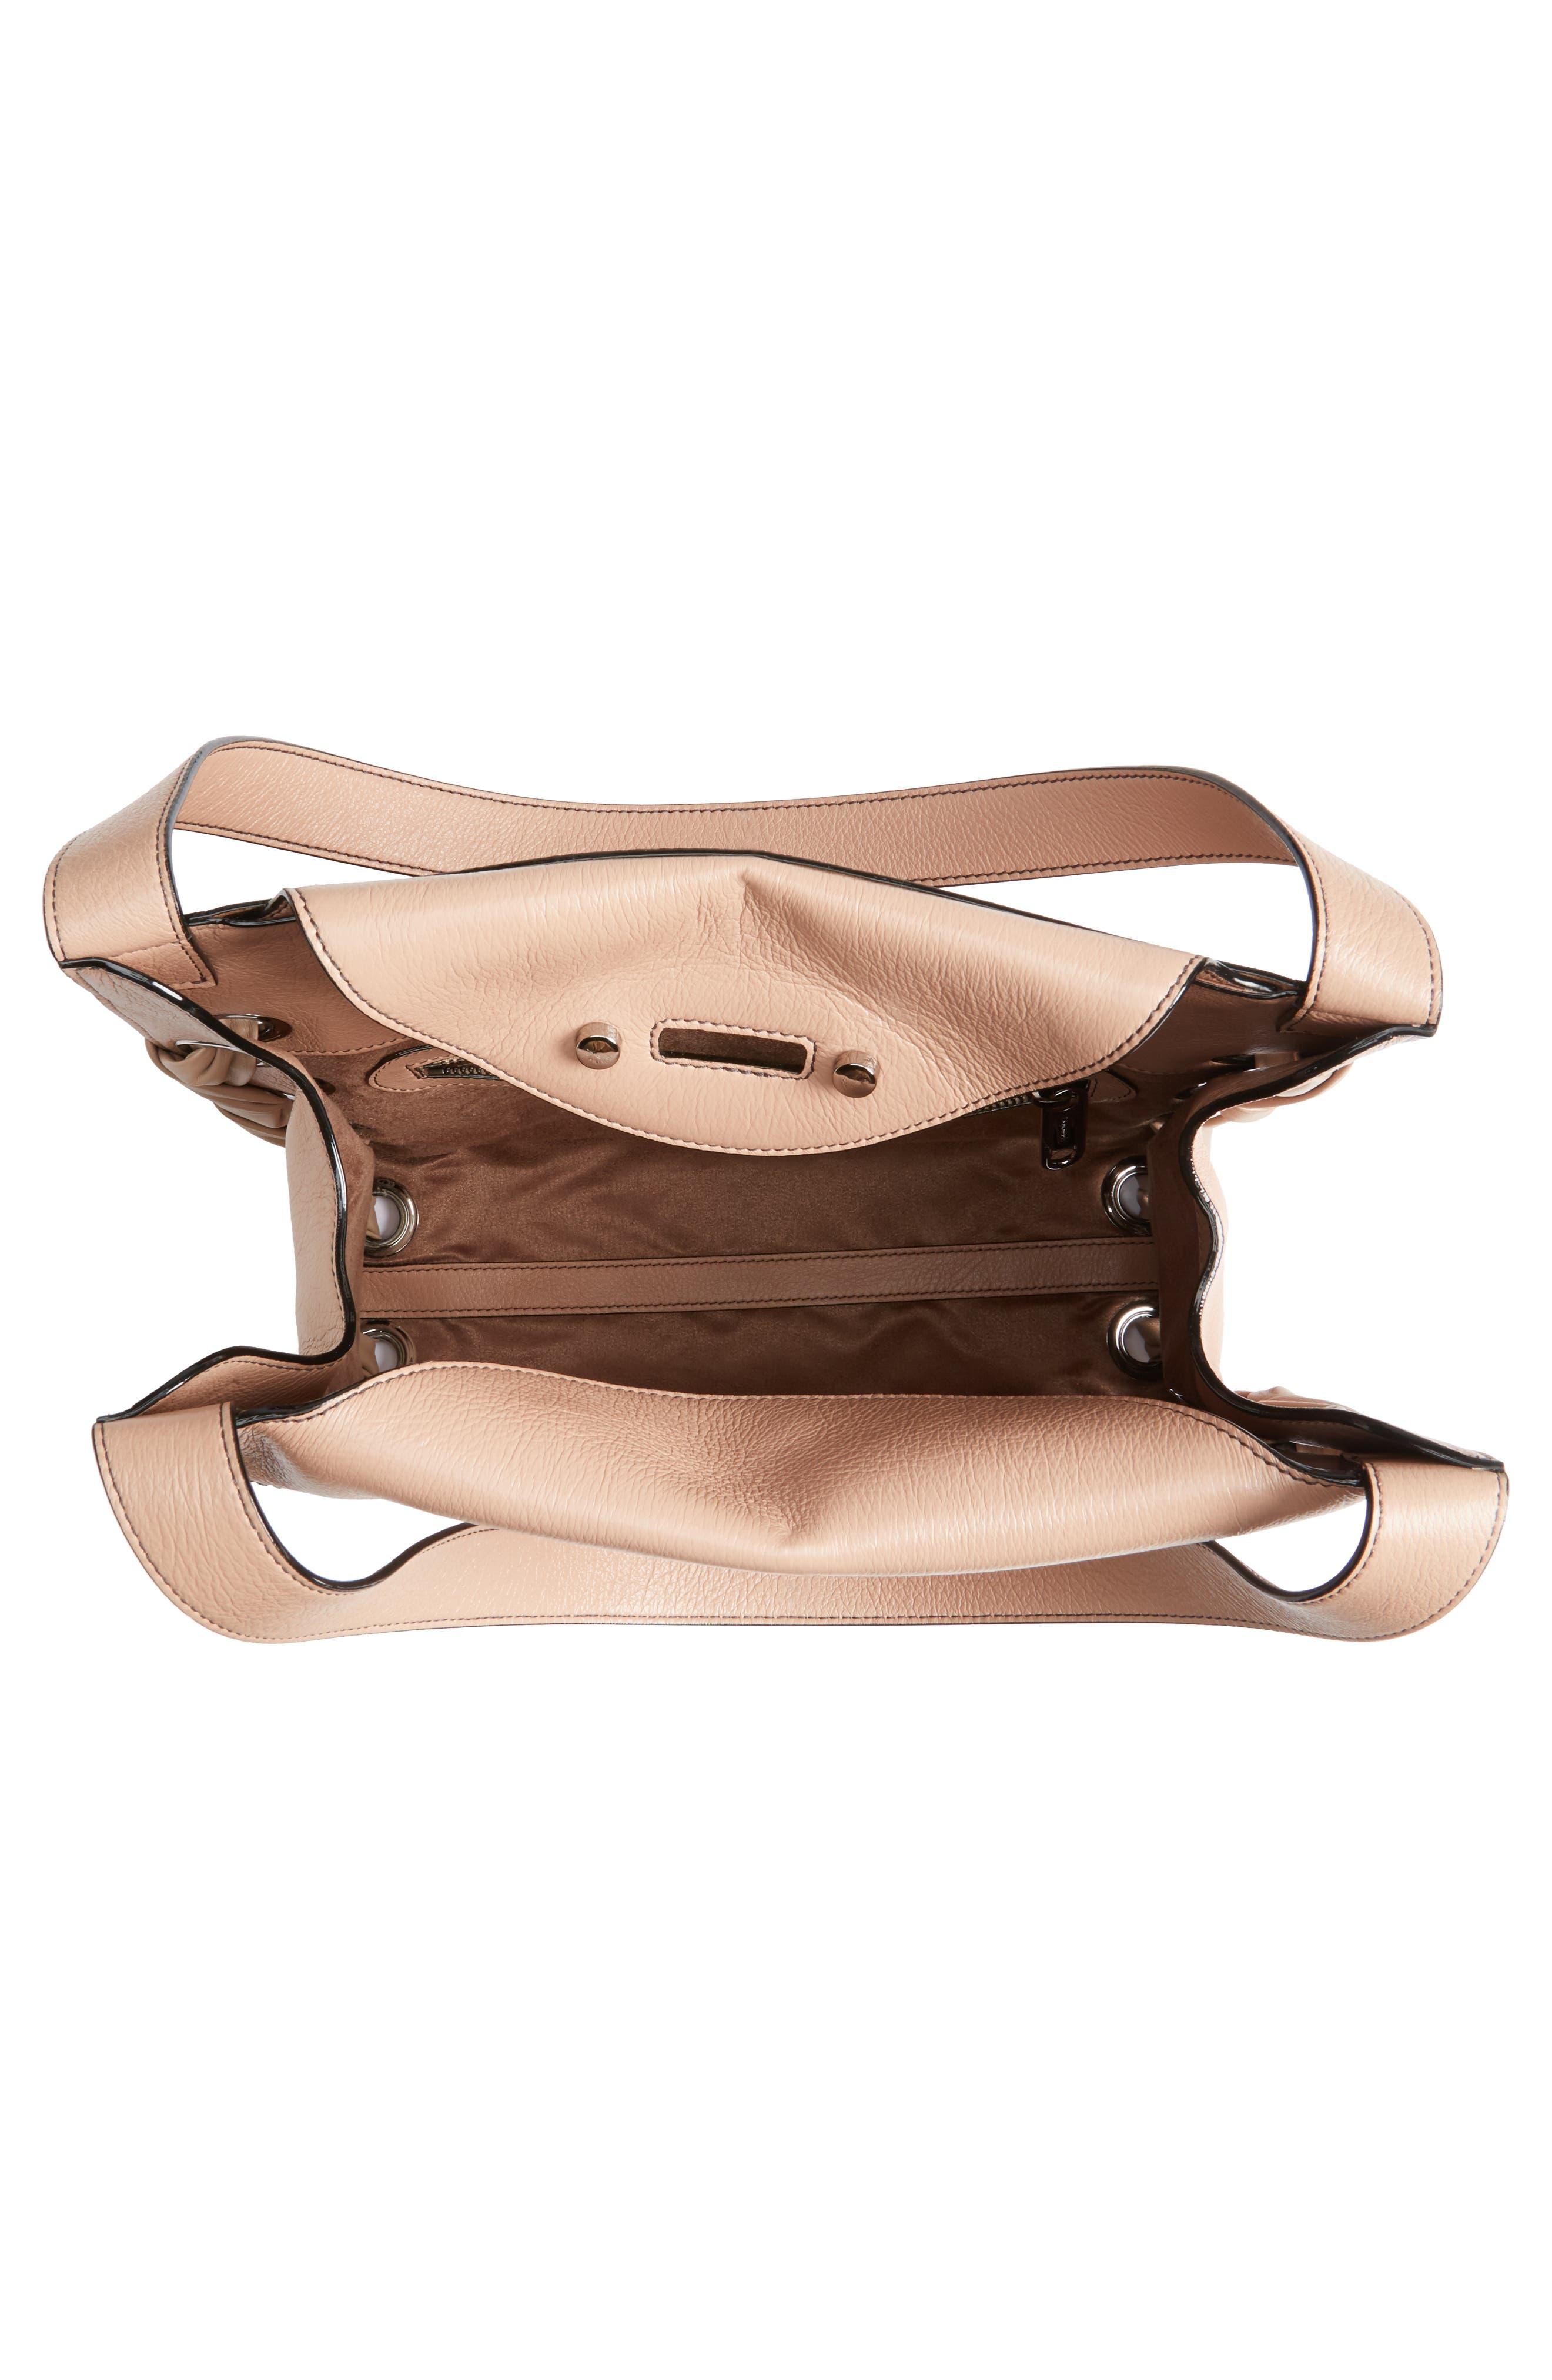 Rebel Leather Shoulder Bag,                             Alternate thumbnail 4, color,                             Ballet Pink